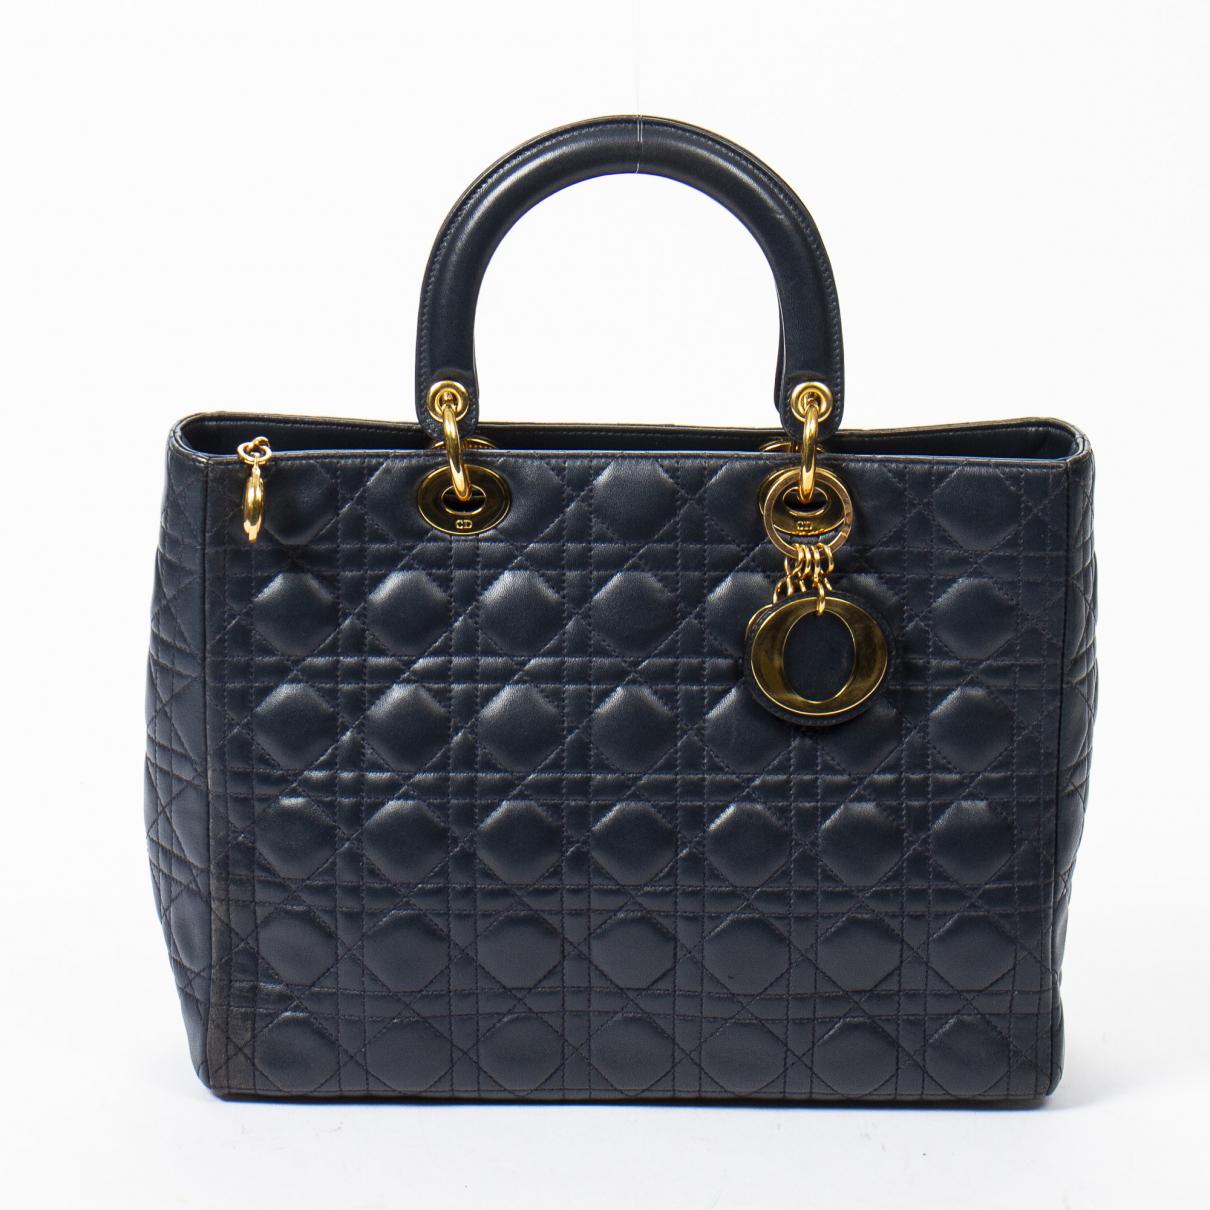 Dior Lady Dior Handtasche in  Blau Leder